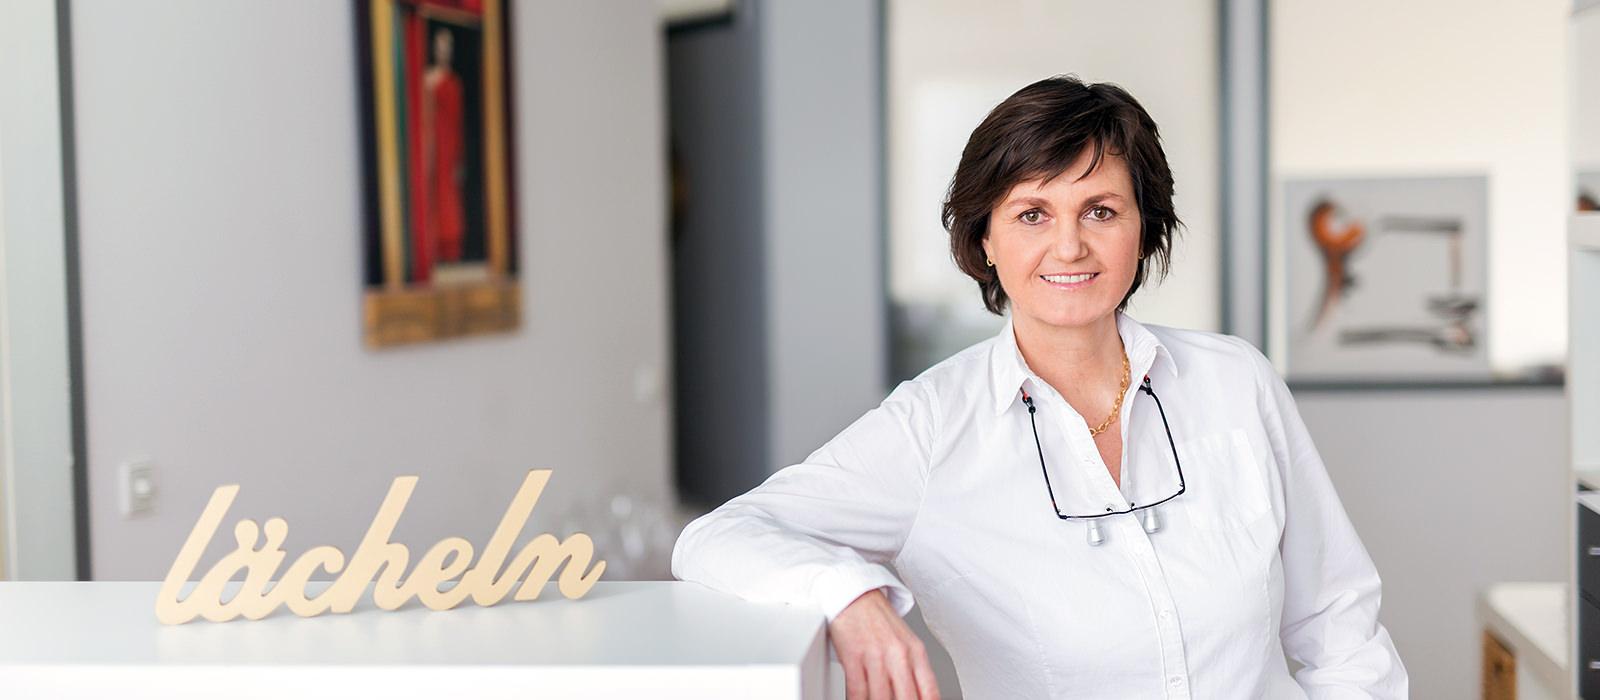 Jacqueline Riebschläger